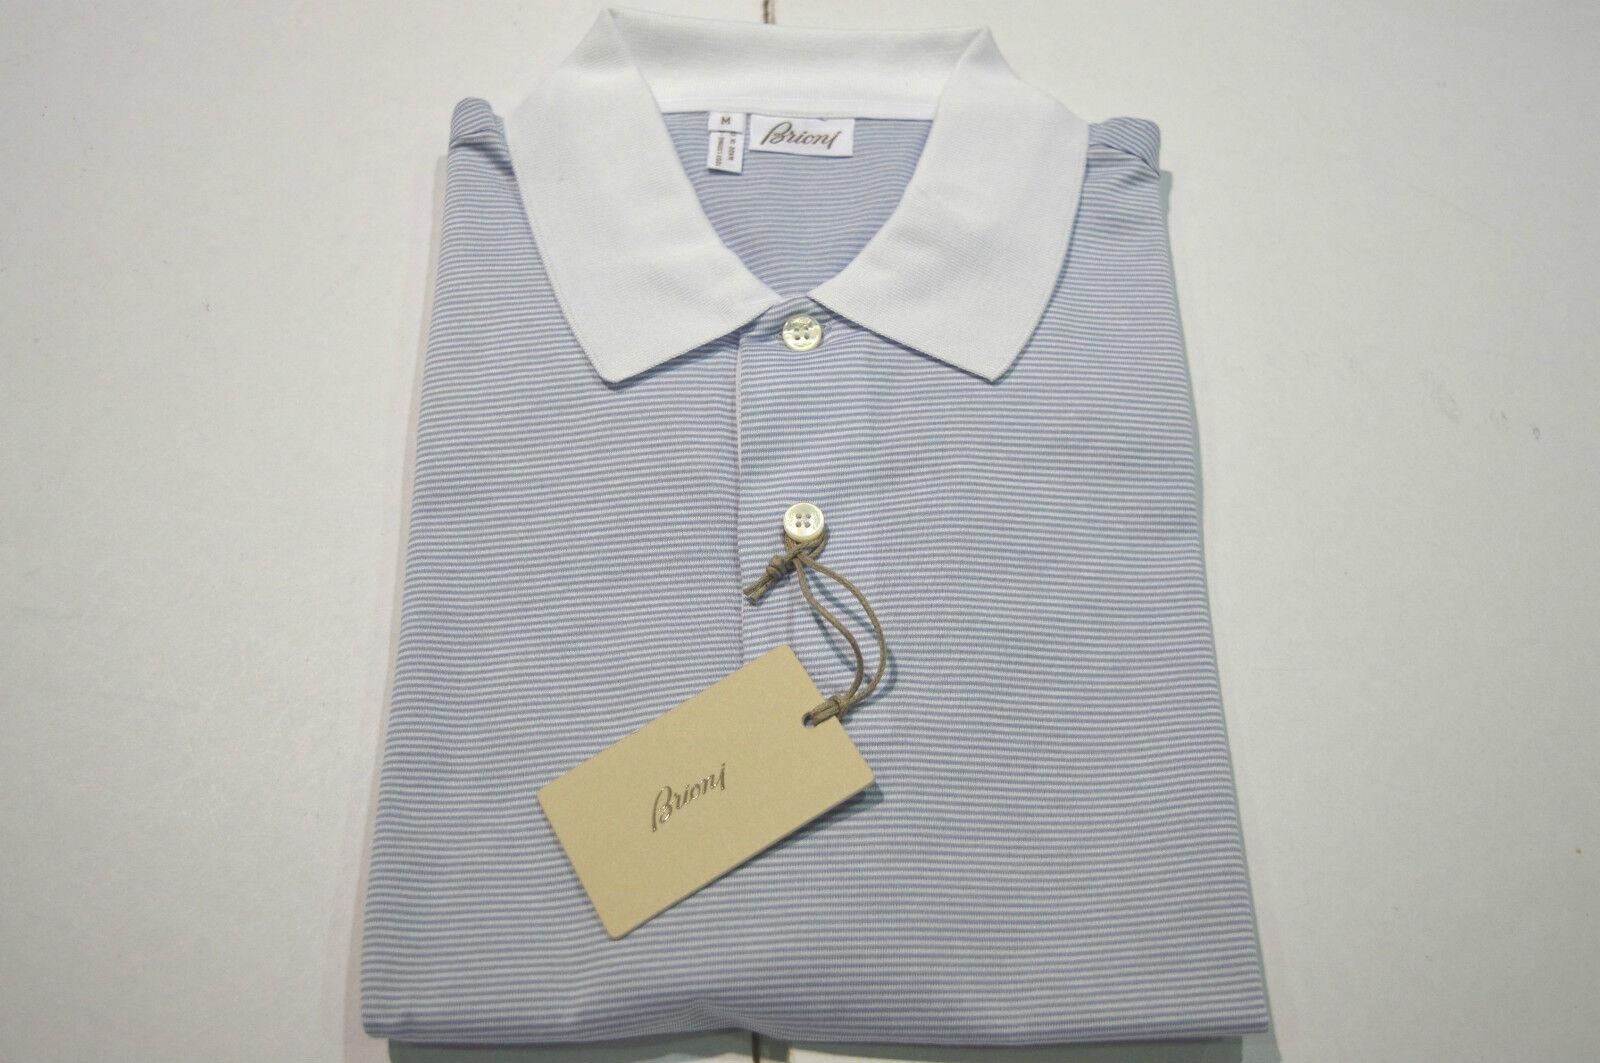 NEW  BRIONI  Polo  Short Sleeve 100% Cotton Größe L Us Eu 52 (Code Spmillb)